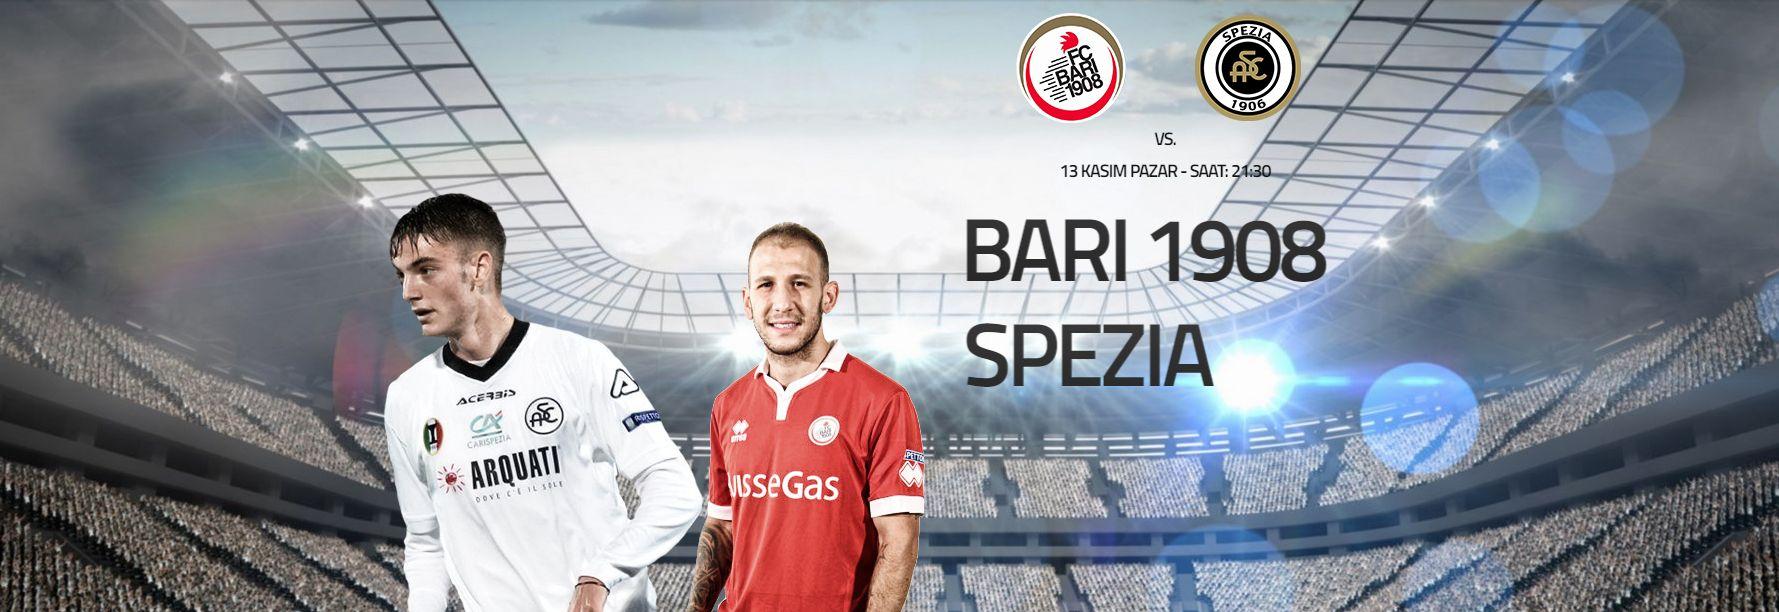 FC Bari 1908 – Spezia  İtalya Seri B'de üst lige çıkabilmek için kıyasıya mücadele veren Bari evinde aynı puana sahip Spezia'yı konuk ediyor. Alınabilecek üç puanın iki takım içinde önemli oluşu maçı daha zor bir hale getiriyor. Bahis serverler için Enyüksekbahisoranları ve Canlıbahis seçeneklerimiz Betend'de.  FC Bari 1908 (2,02) – Beraberlik (3,13) – Spezia (3,73)  Bugün:22.30 http://betend40.com